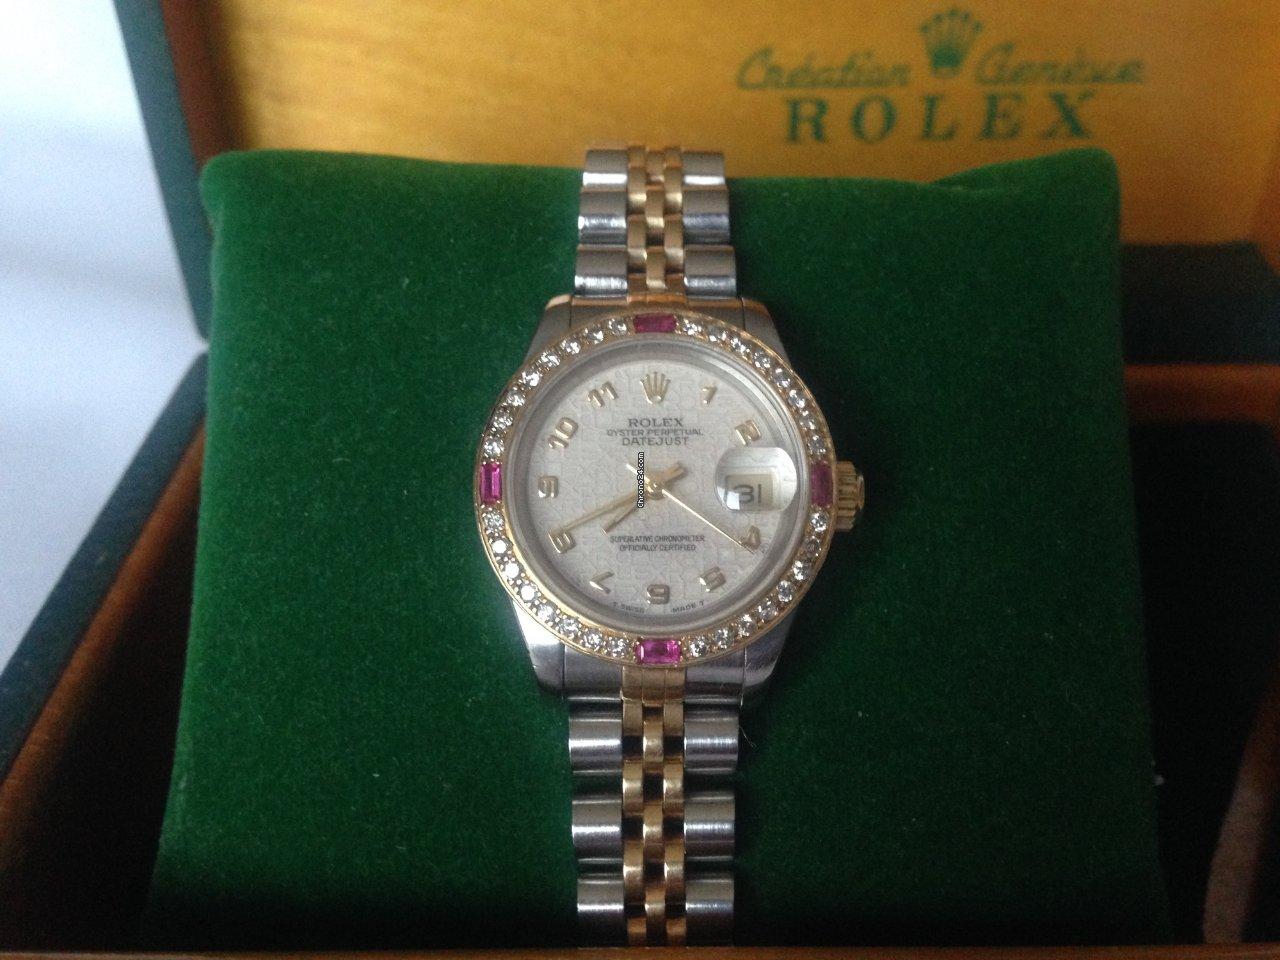 08923741b2740 Prix de montres Rolex femme | Acheter et comparer une montre de Rolex femme  sur Chrono24